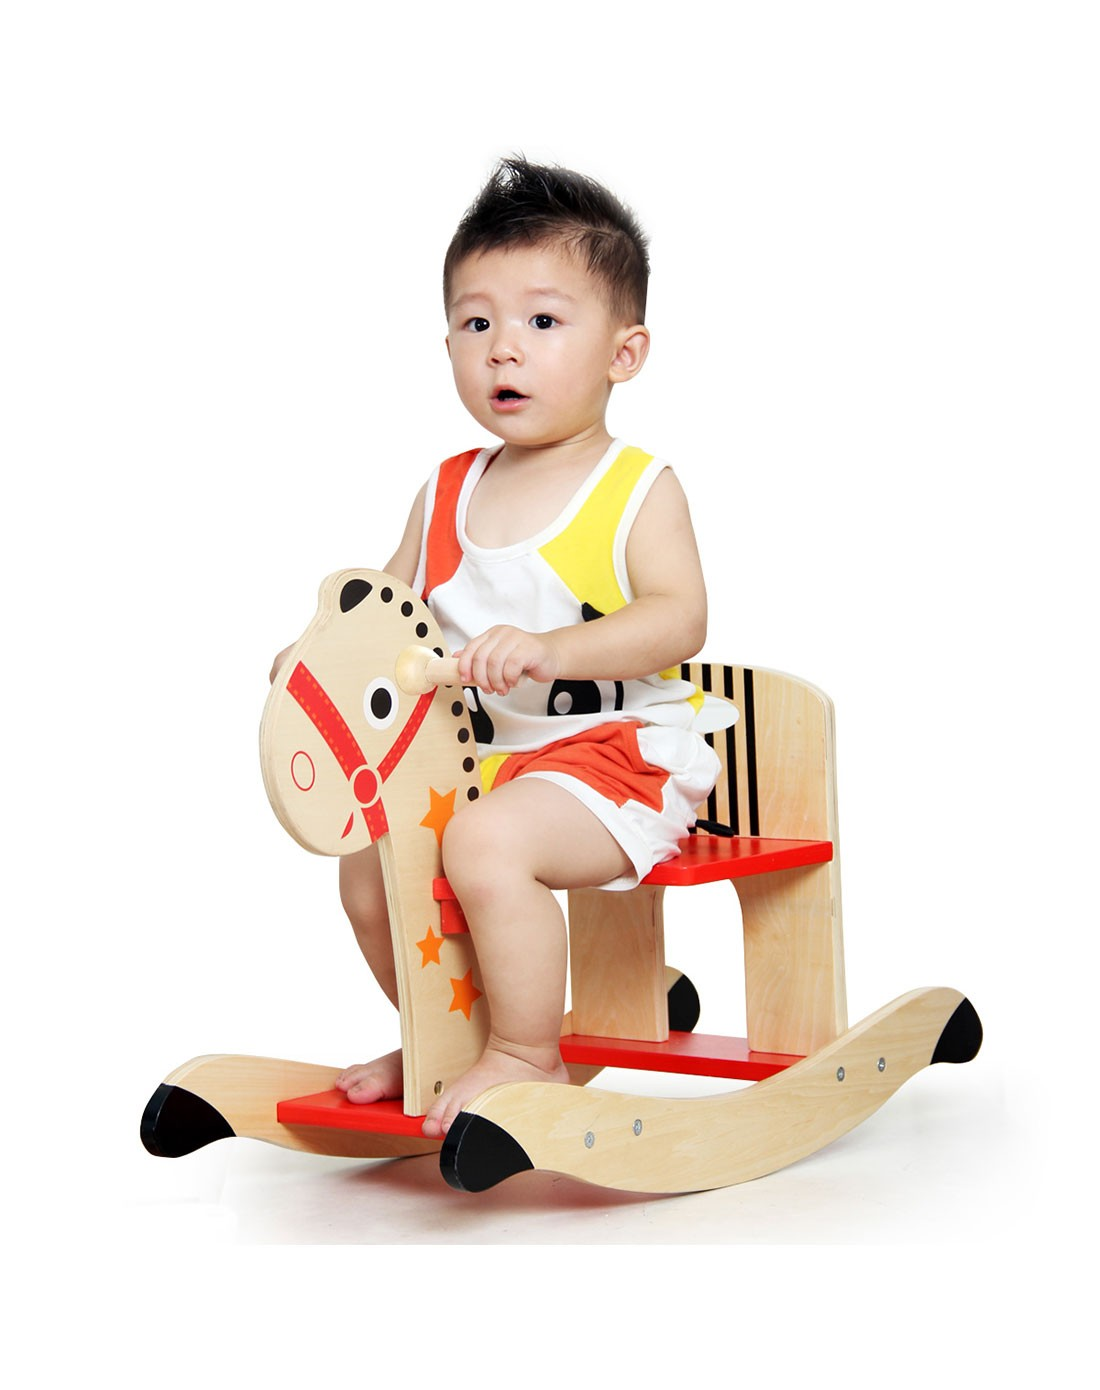 海绵宝宝等益智玩具特宝儿儿童木制五星安全设计俏皮